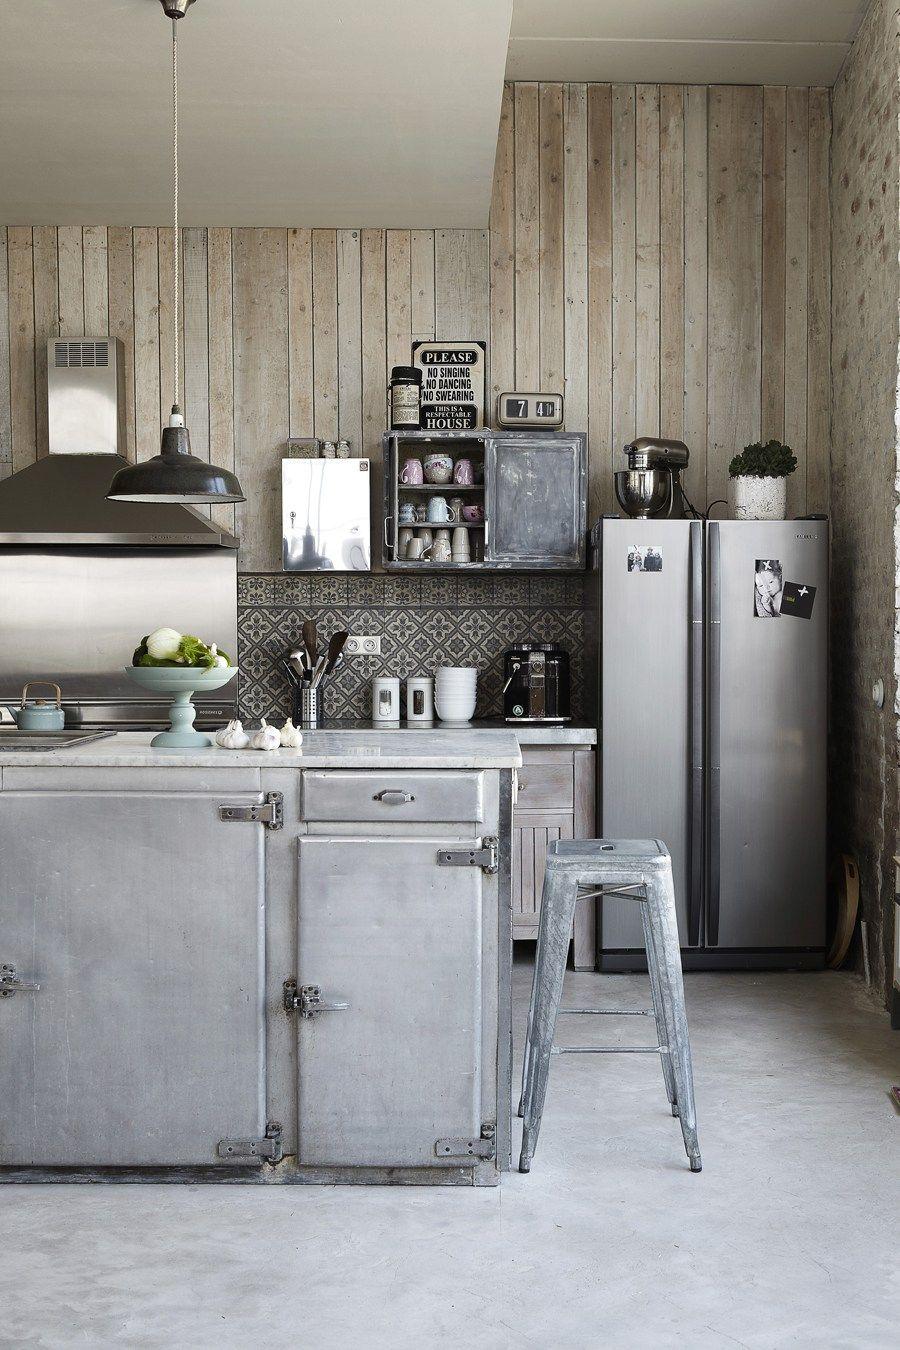 Microcemento Como Elegir El Mejor Suelo Para Tu Cocina